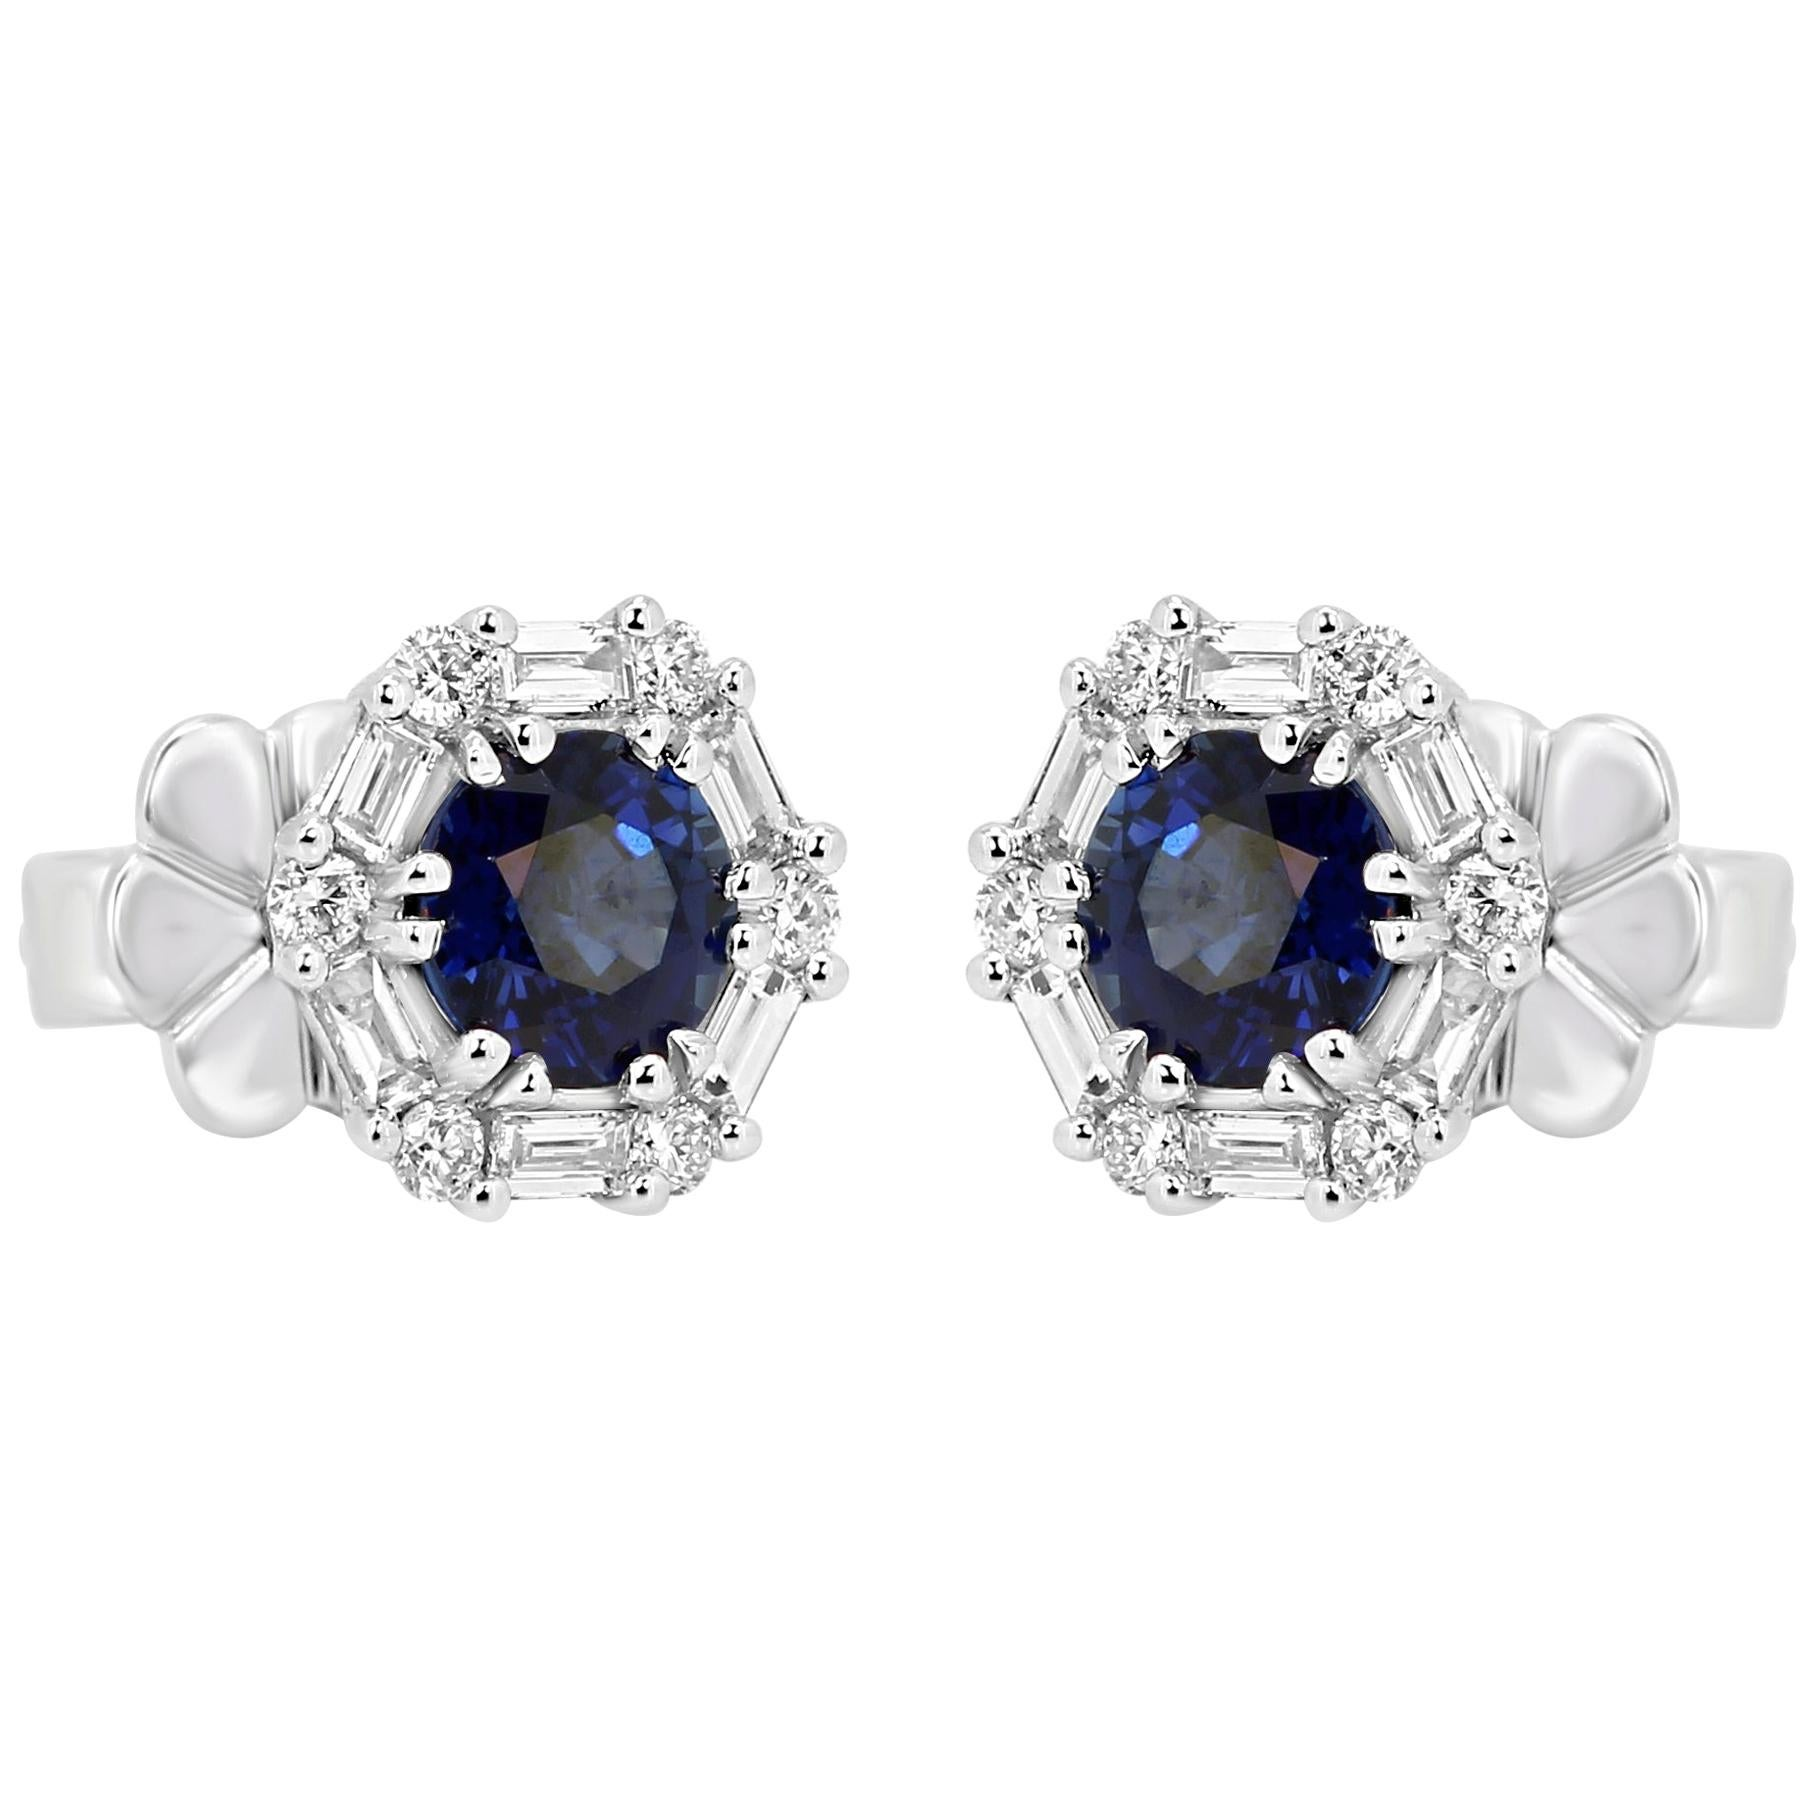 Blue Sapphire Round White Diamond Halo 14 Karat White Gold Fashion Stud Earring